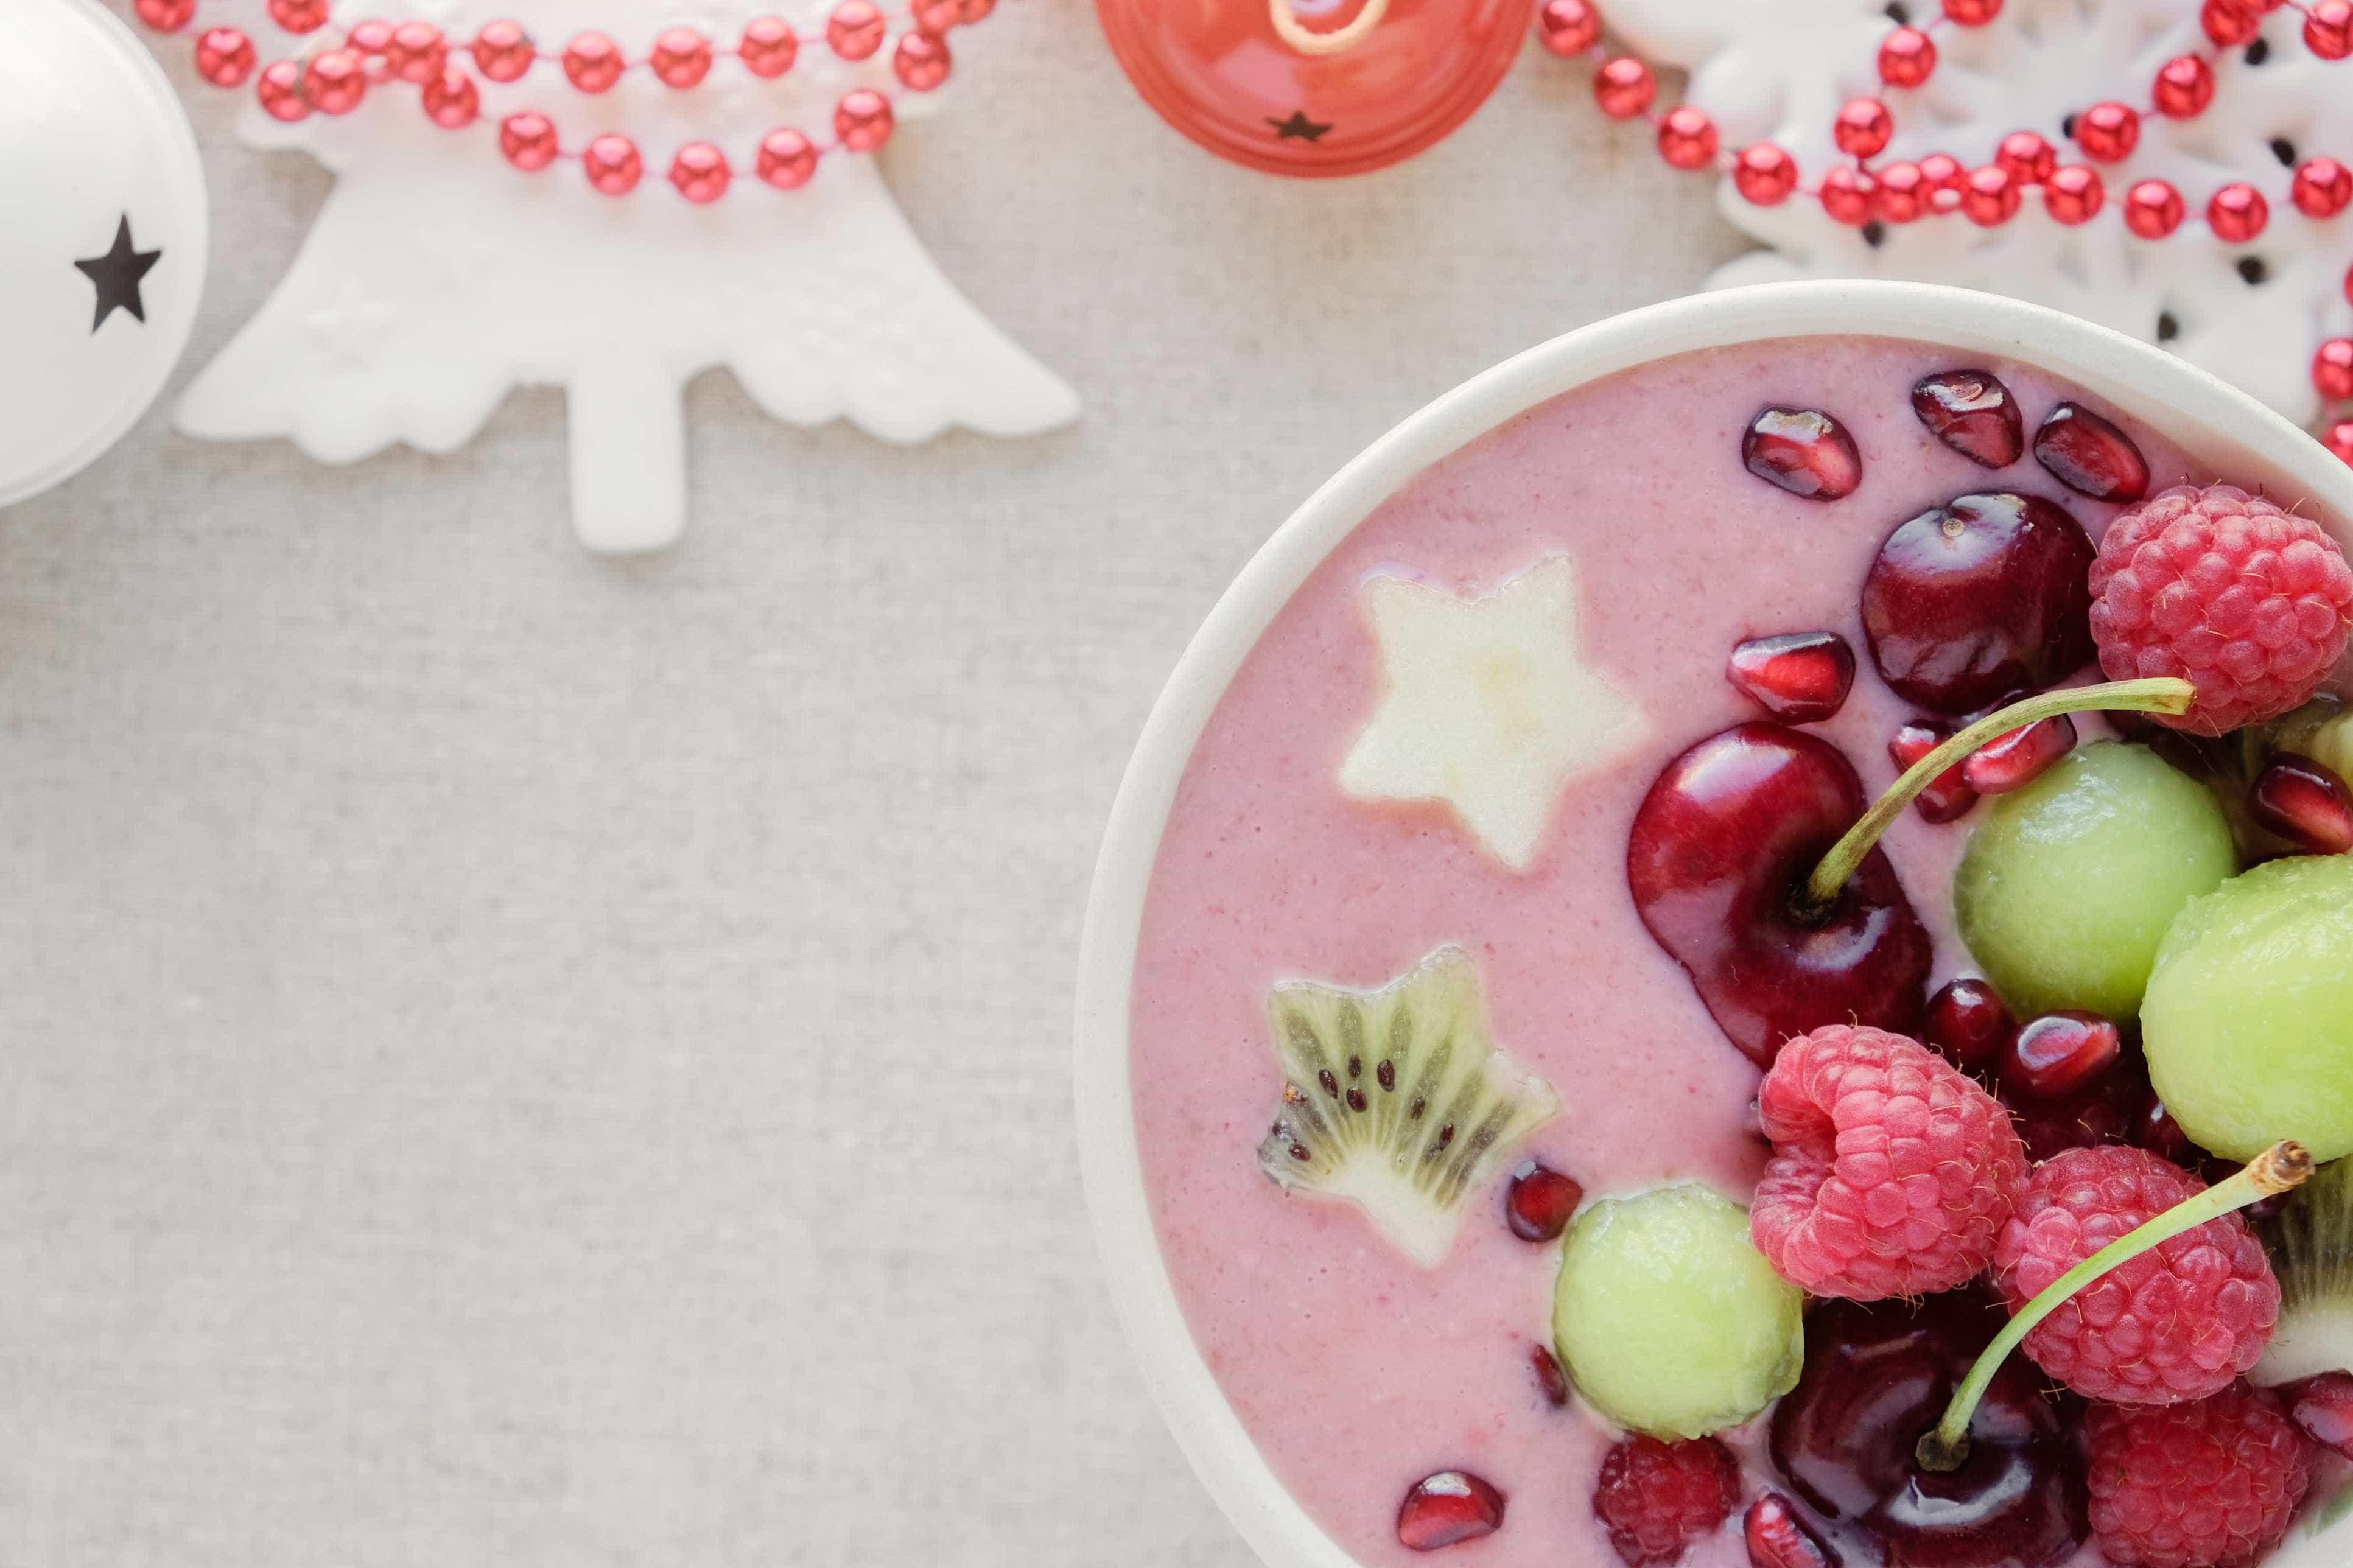 Diabetes e festa de fim de ano. Como manter uma alimentação saudável?